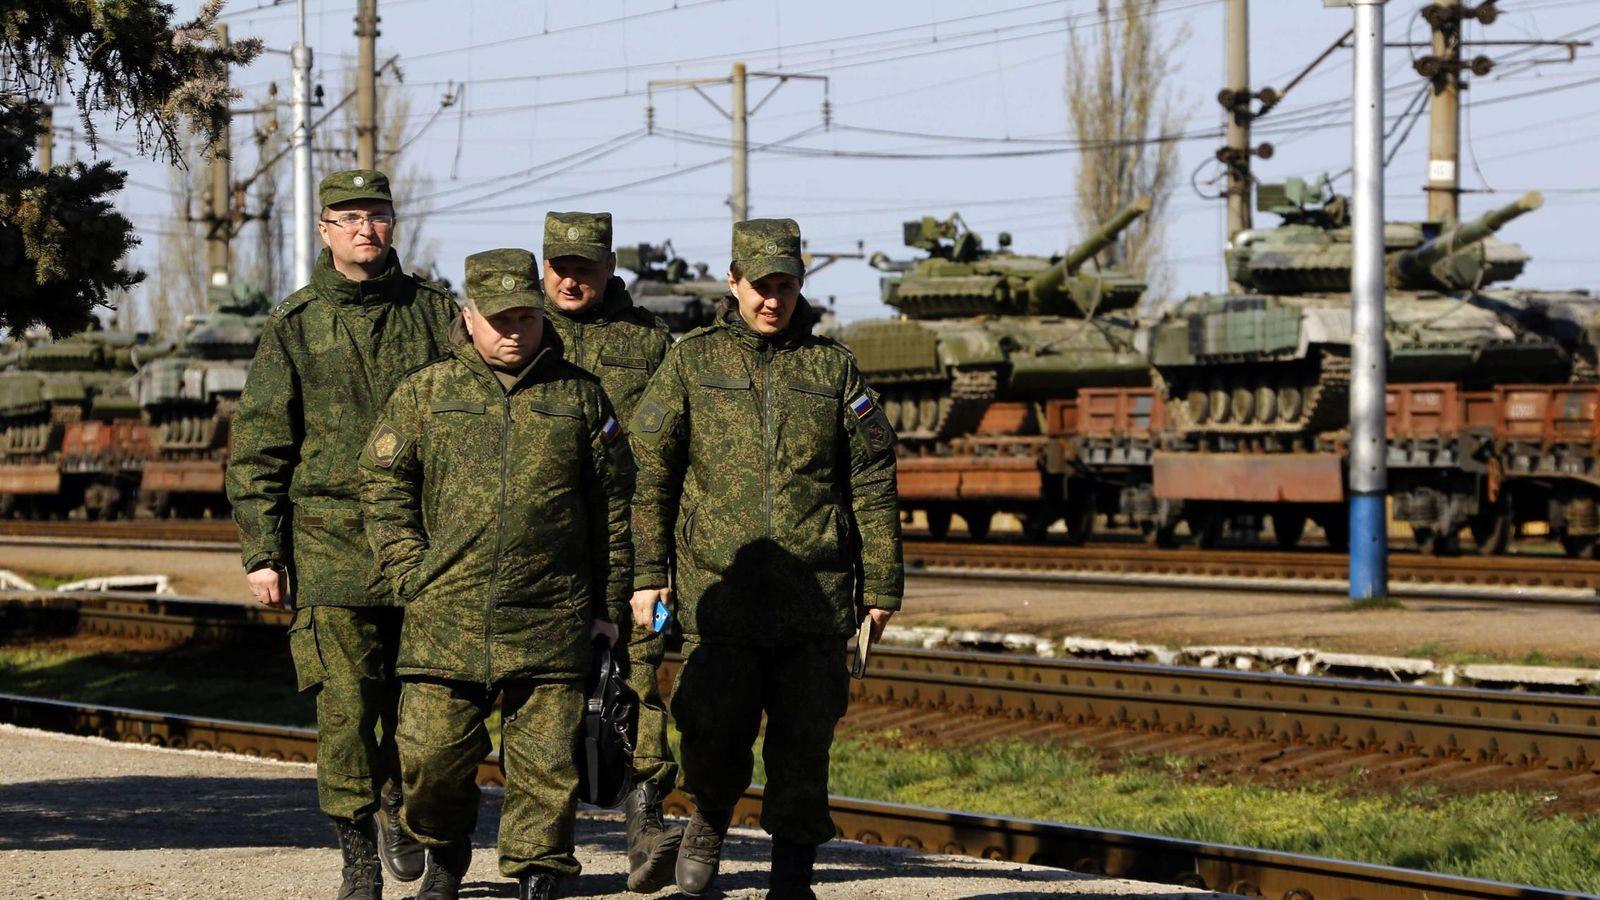 Foto: Oficiales rusos caminan por una estación de tren en Simferopol, en marzo de 2014. (Reuters)